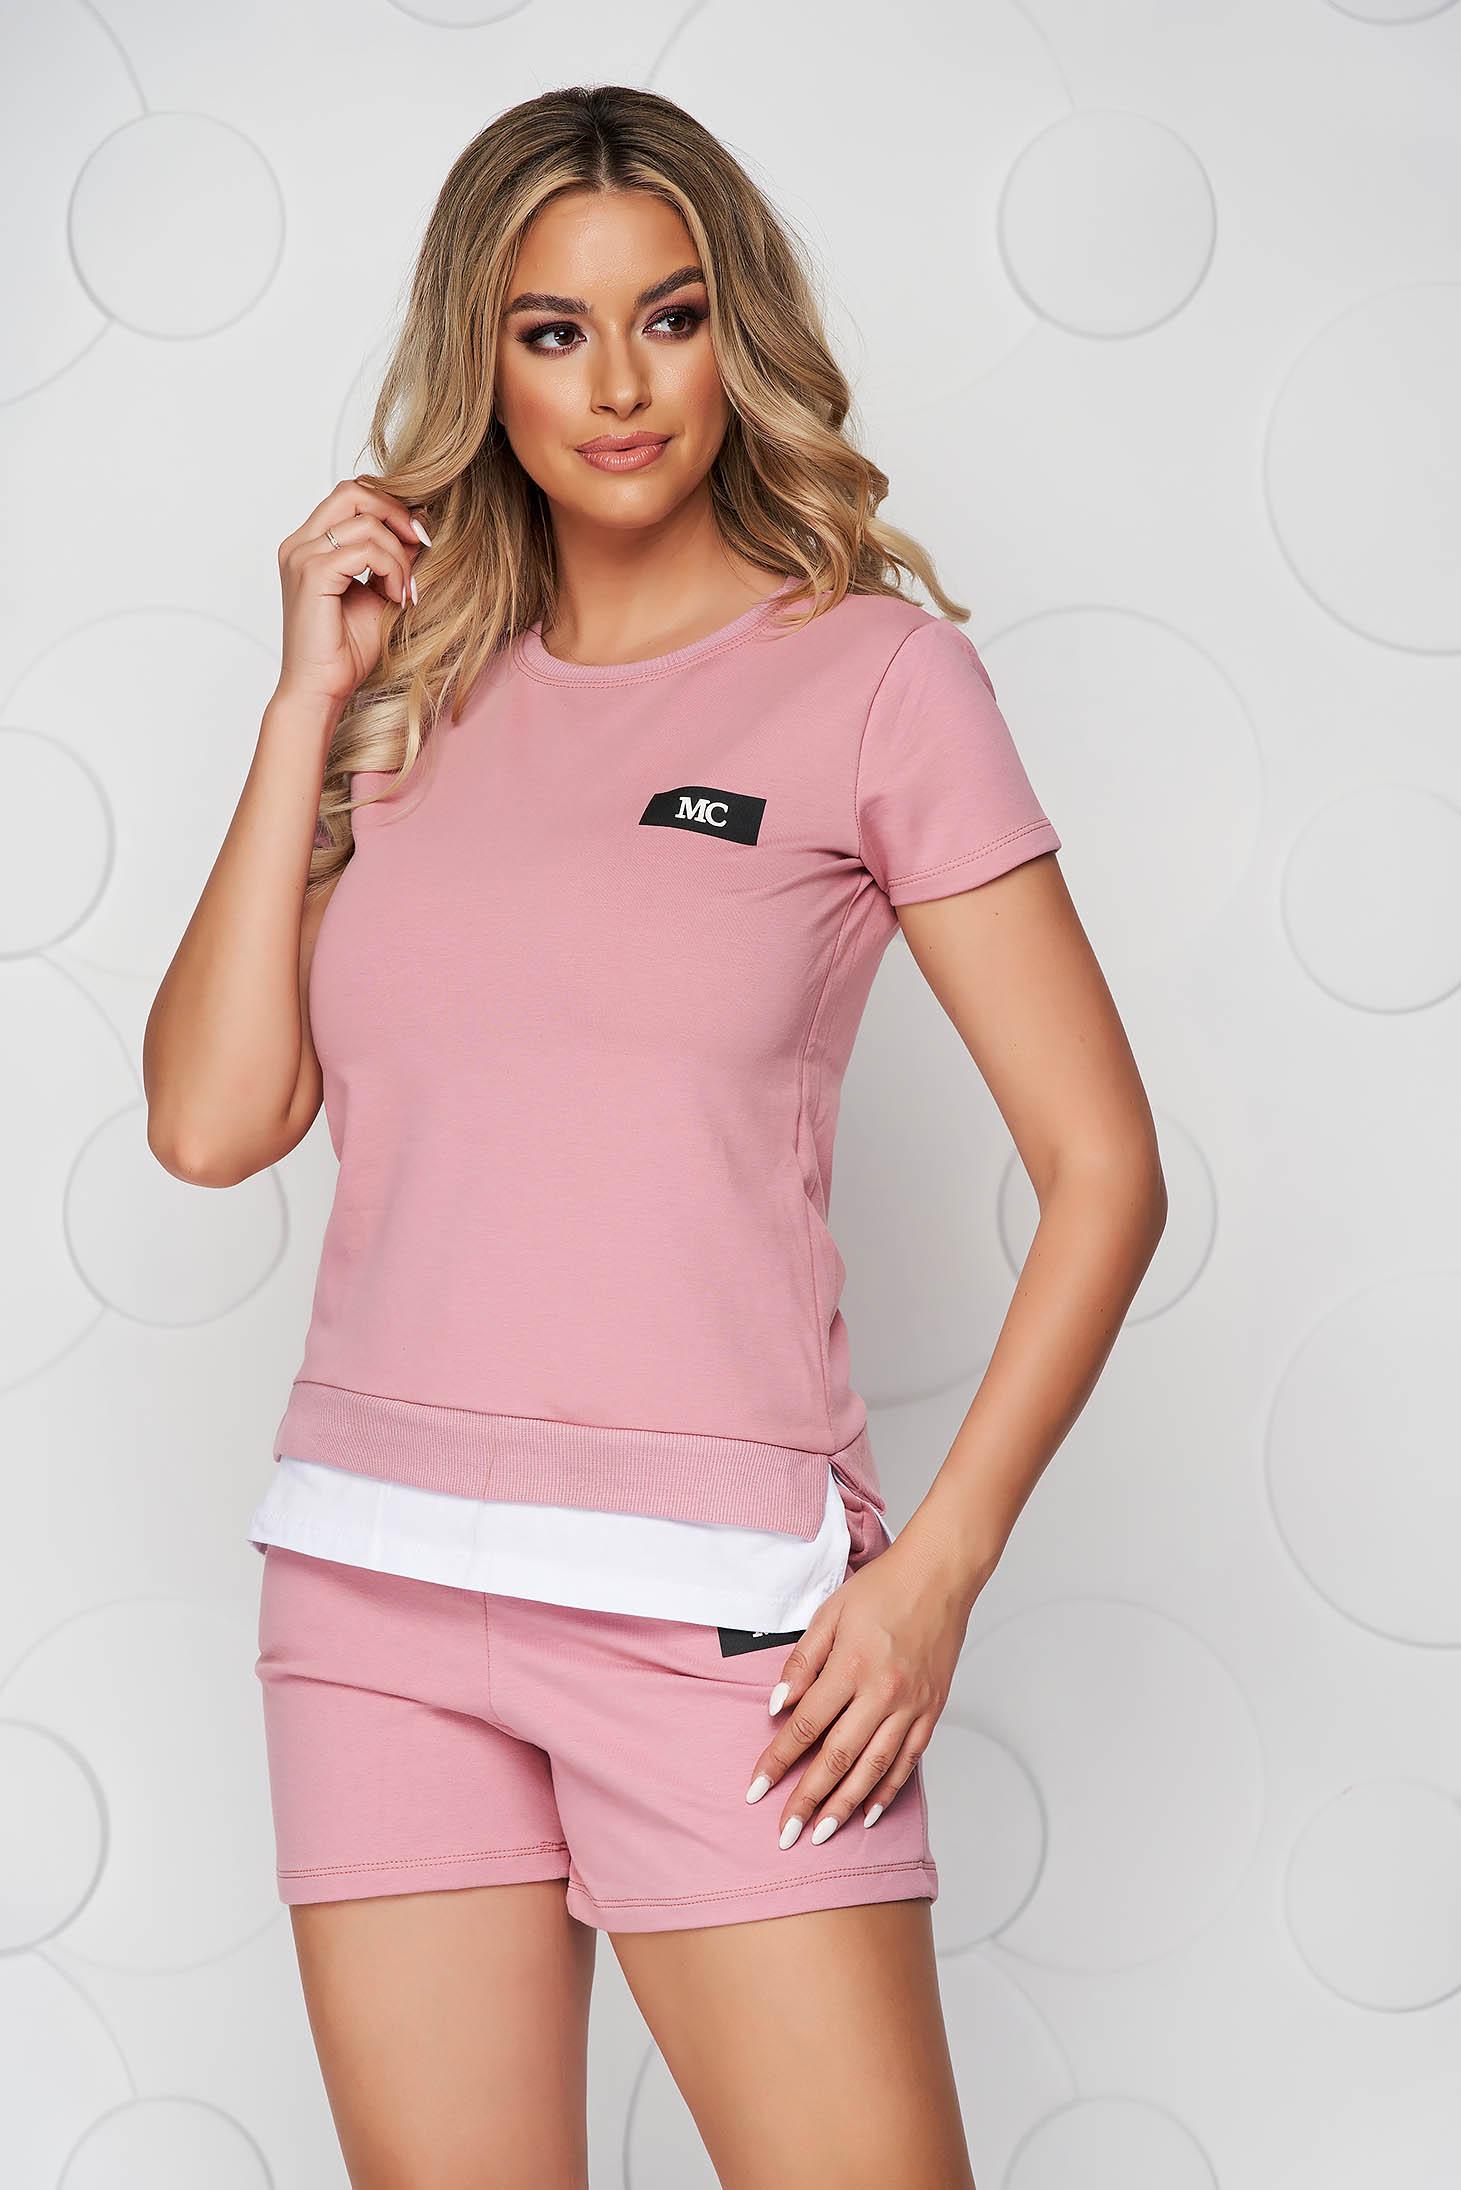 Lightpink sport 2 pieces cotton women`s shorts women`s t-shirt